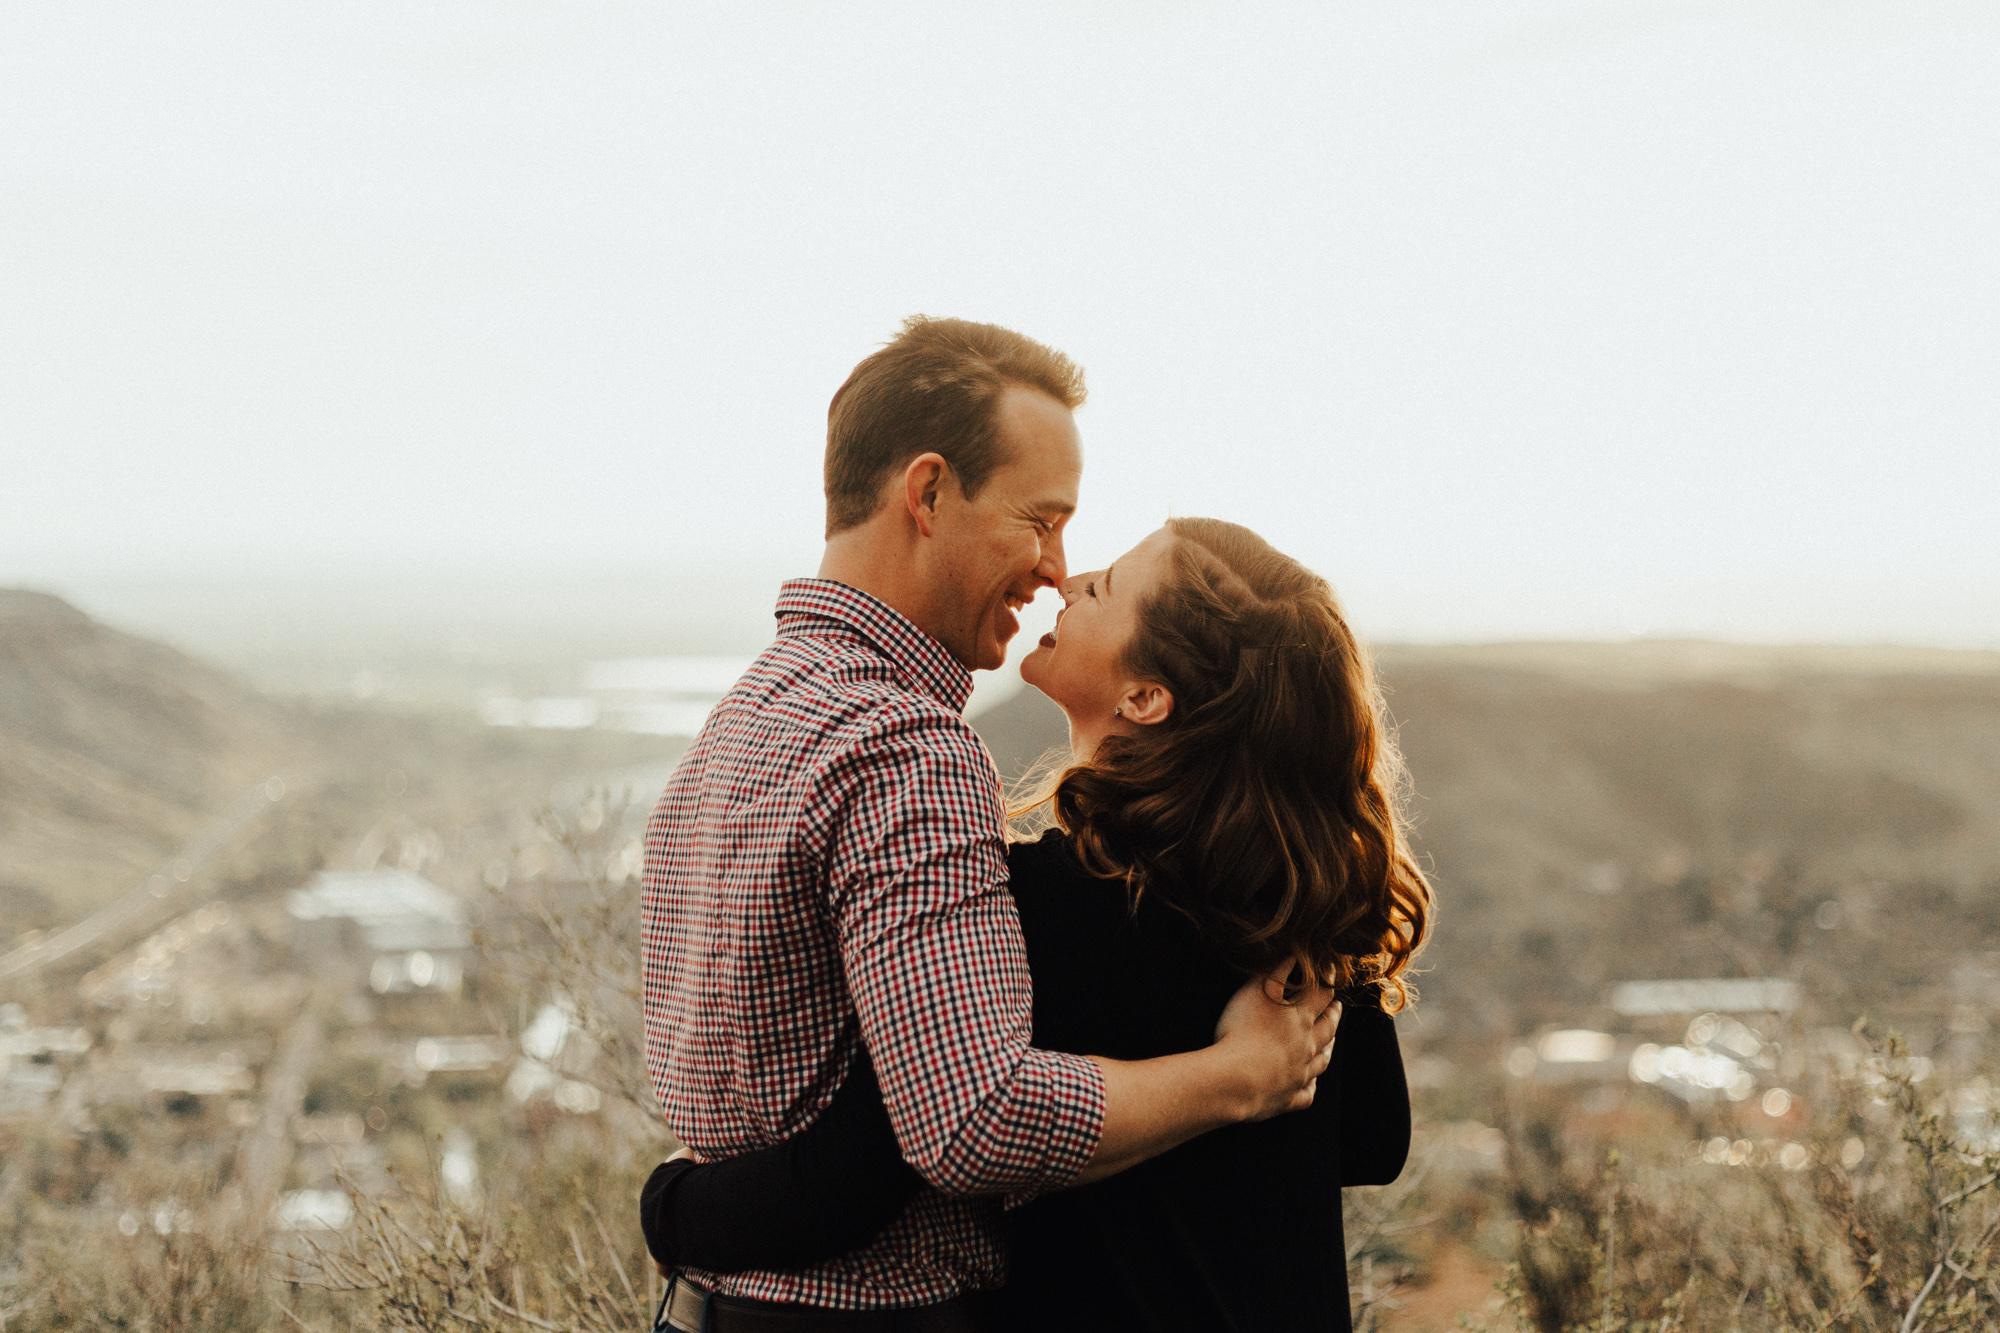 Lookout Mountain Colorado Adventure Couple Portrait Session